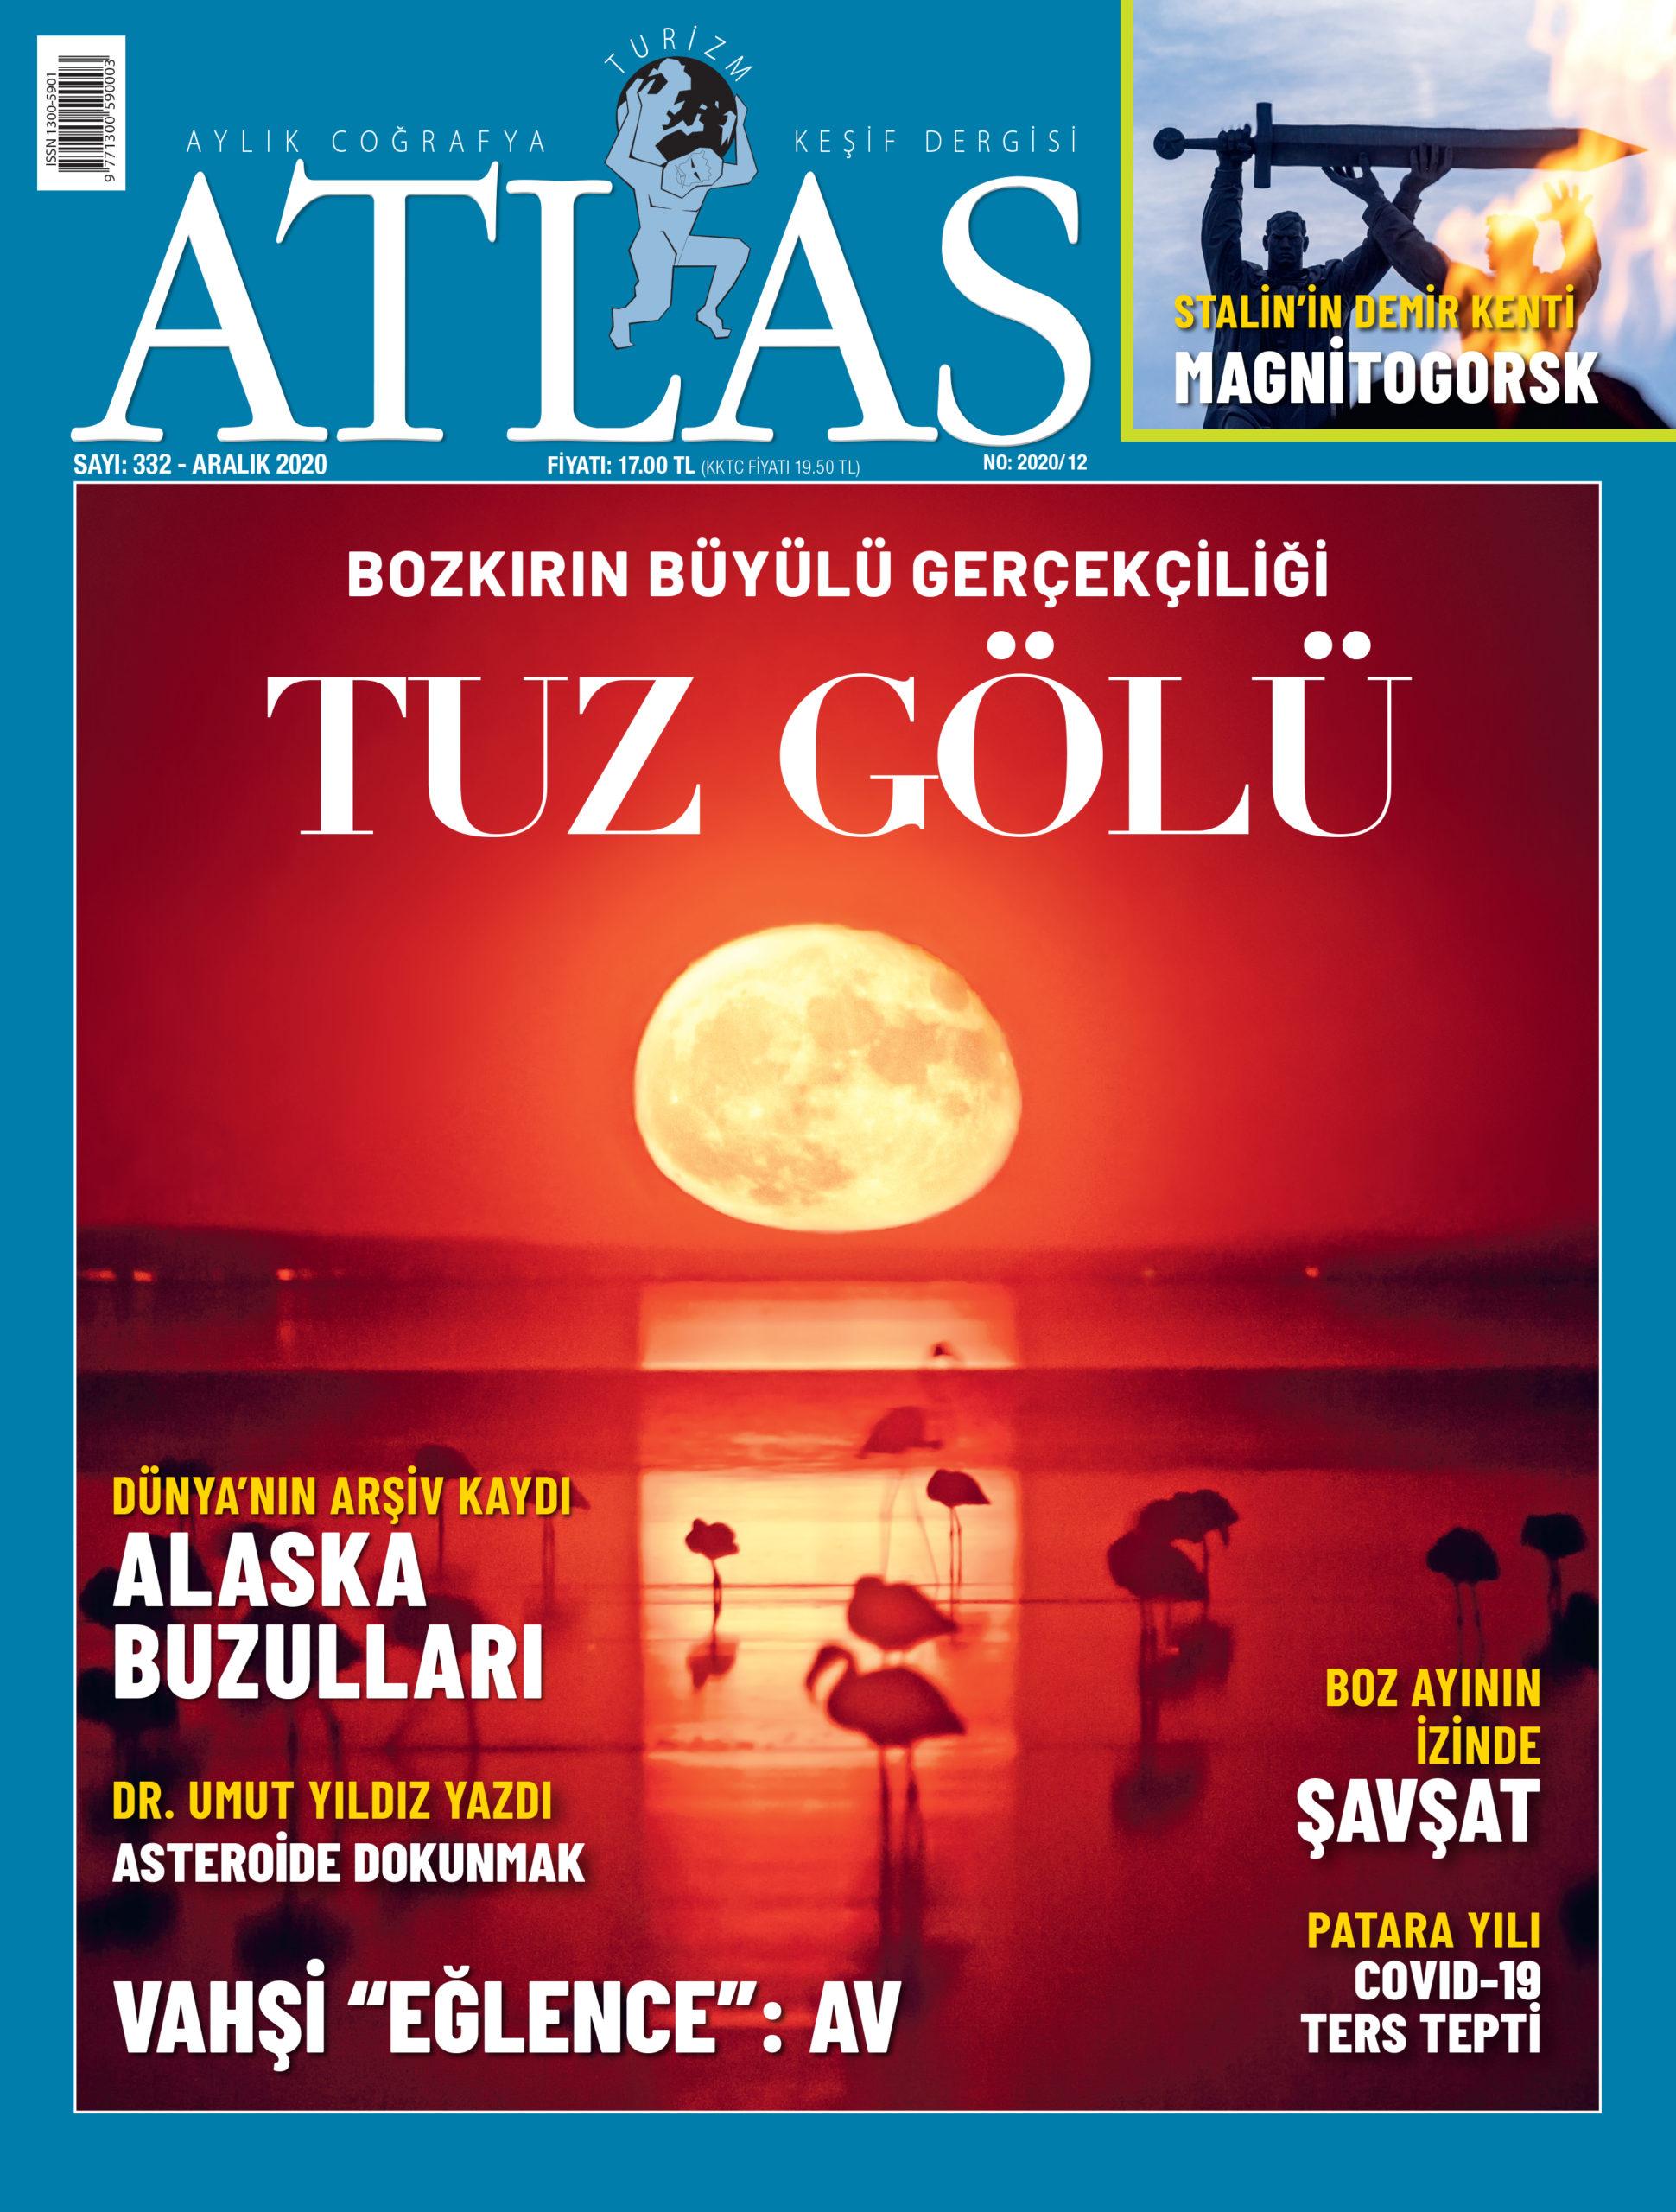 Atlas'ın Aralık sayısı çıktı! Yeni sayıda neler var?   Atlas   Dergide Bu Ay